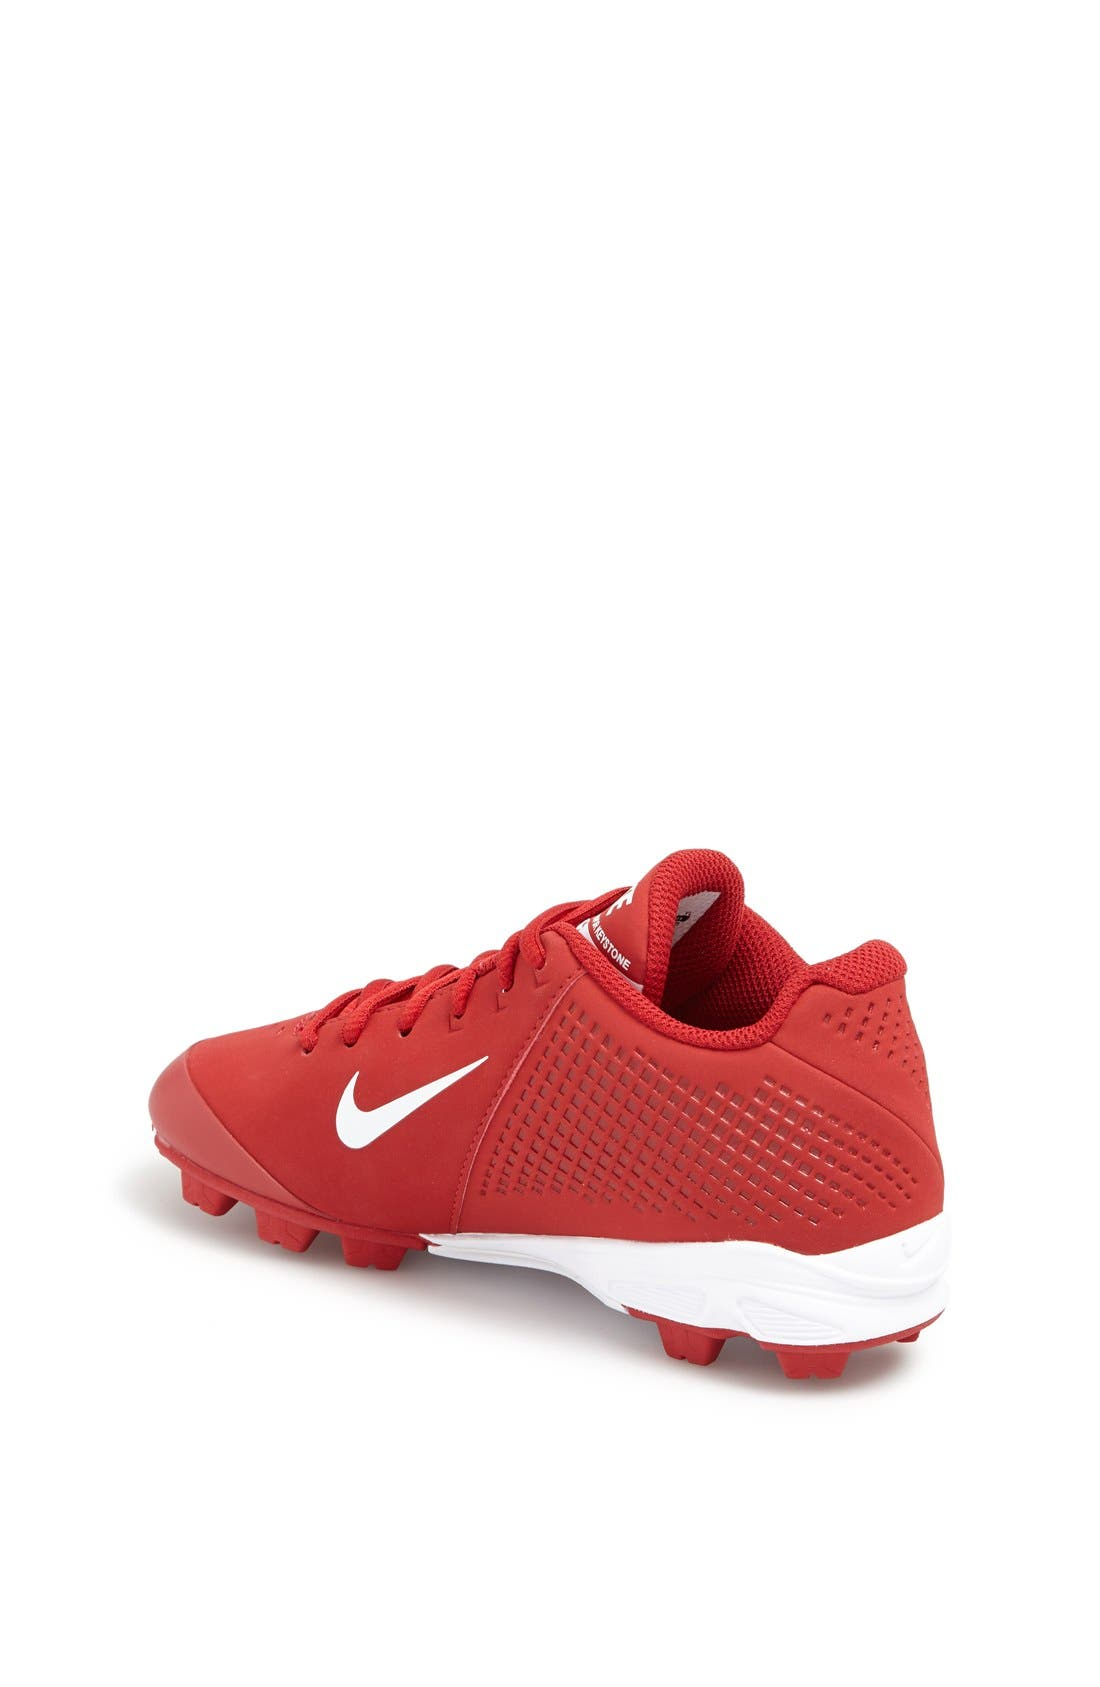 Alternate Image 2  - Nike 'Vapor Keystone Low' Baseball Cleat  (Little Kid & Big Kid)